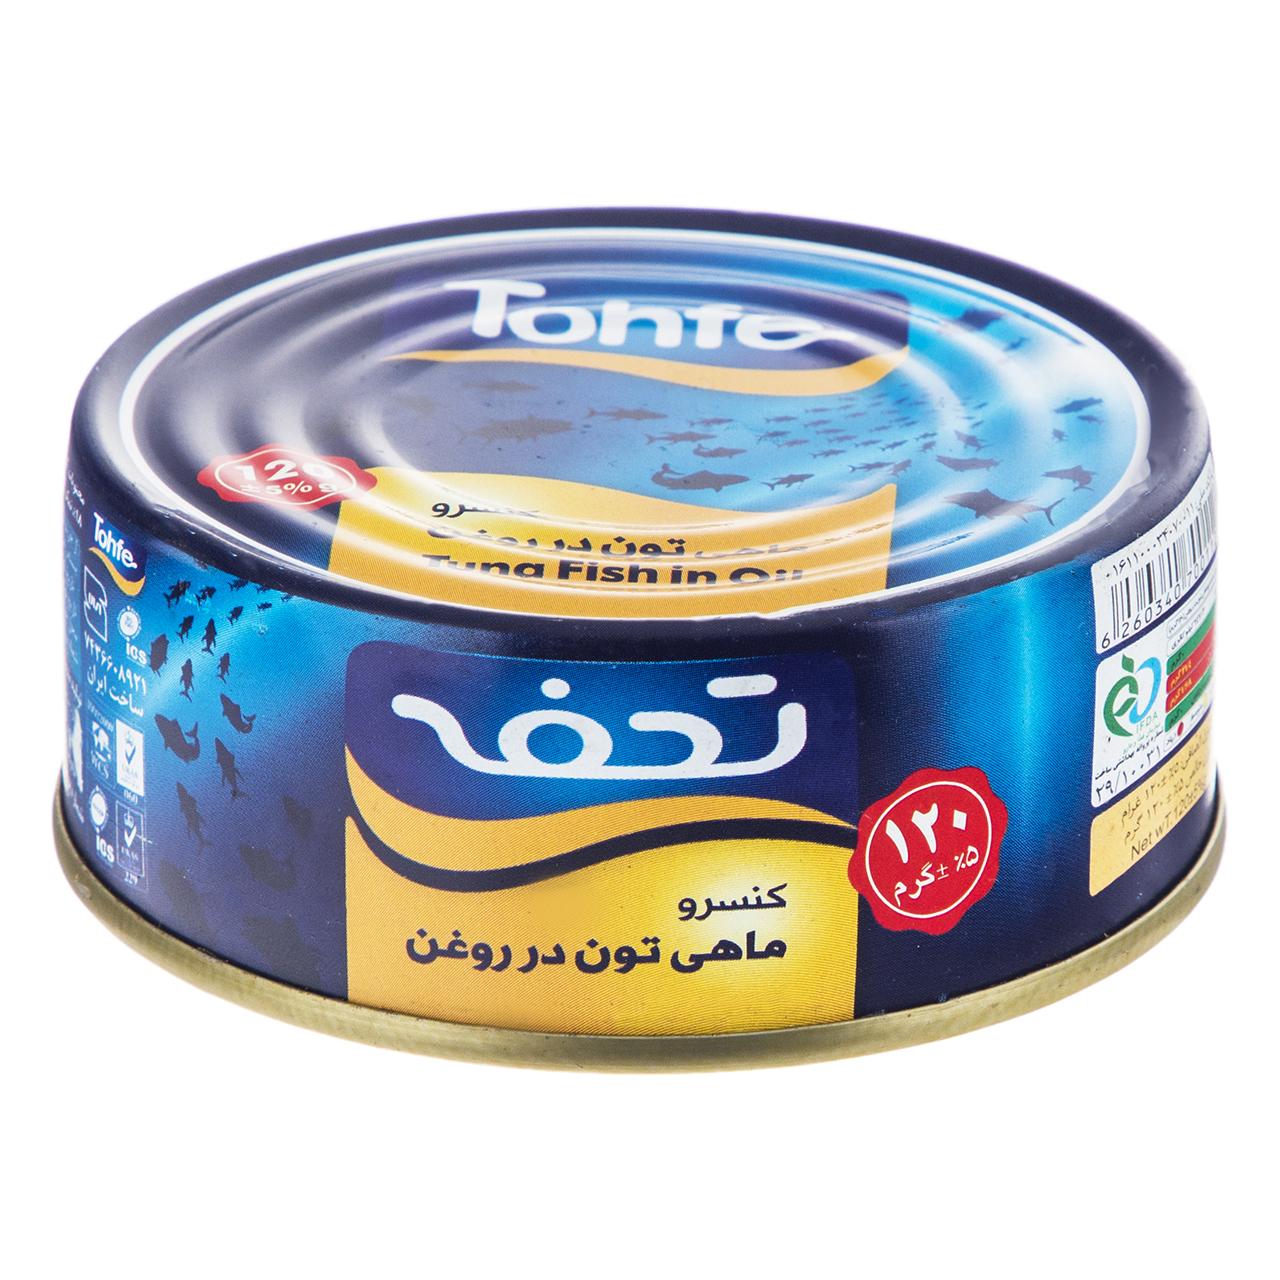 کنسرو ماهی تون در روغن تحفه مقدار 120 گرم